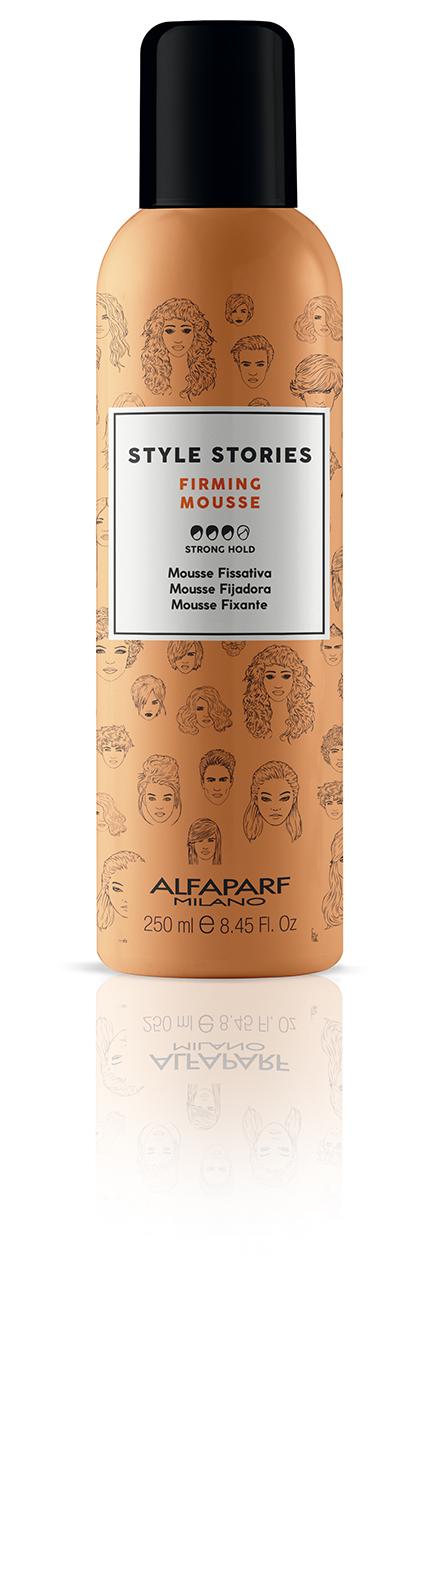 ALFAPARF MILANO Мусс для волос сильной фиксации / Firming Mousse 250 мл